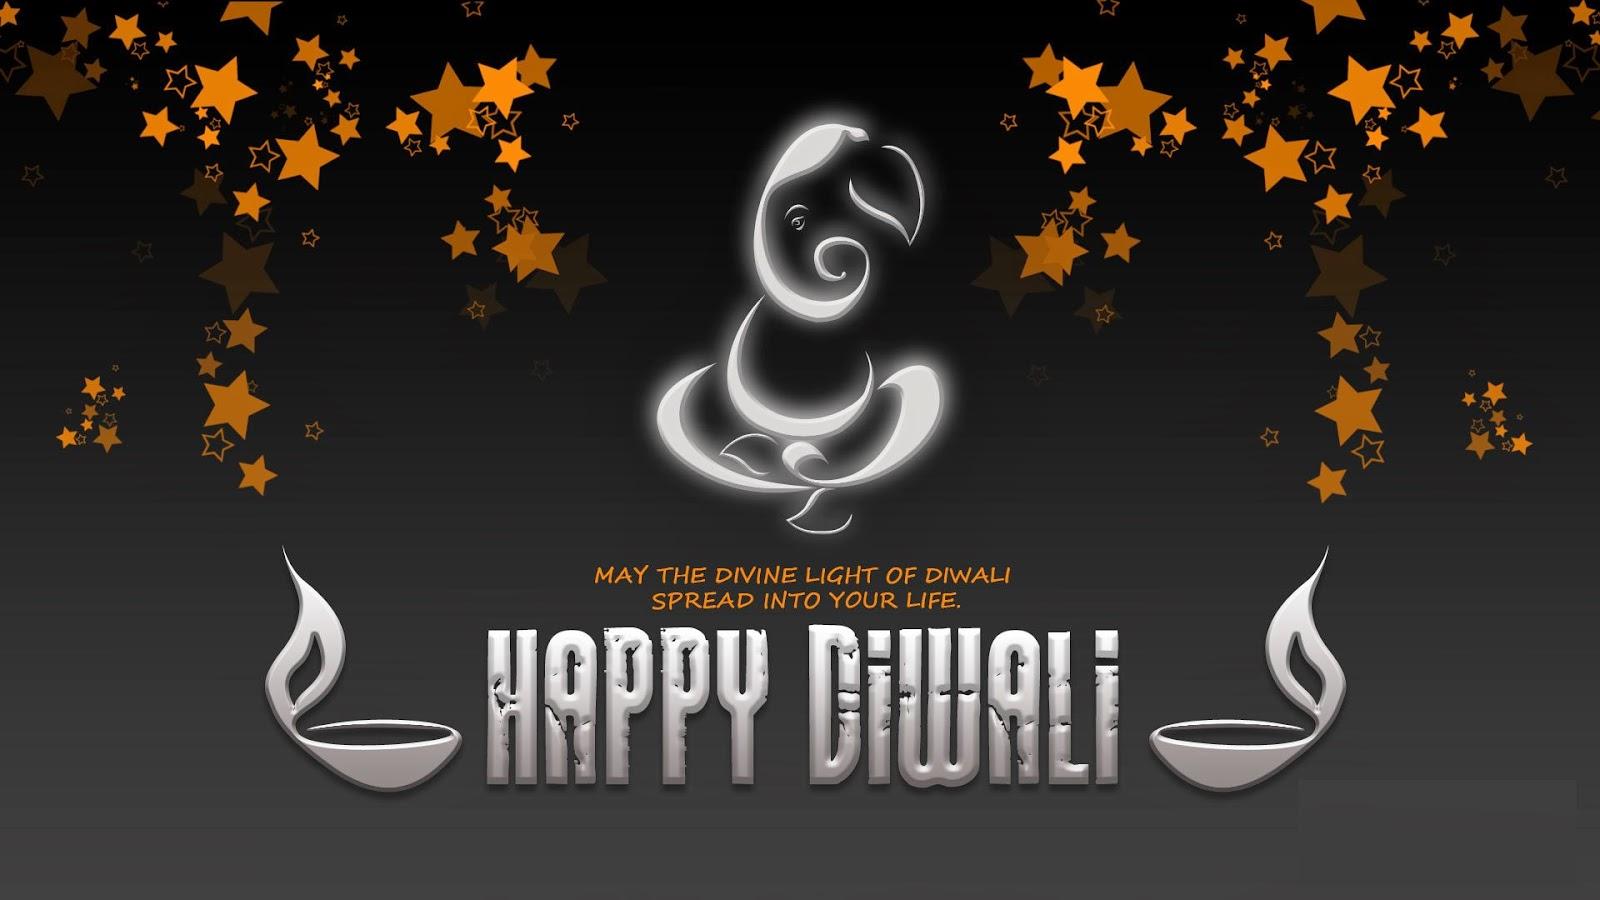 Khushi For Life Goddess Ganesha Diwali Wishes Messages Cards